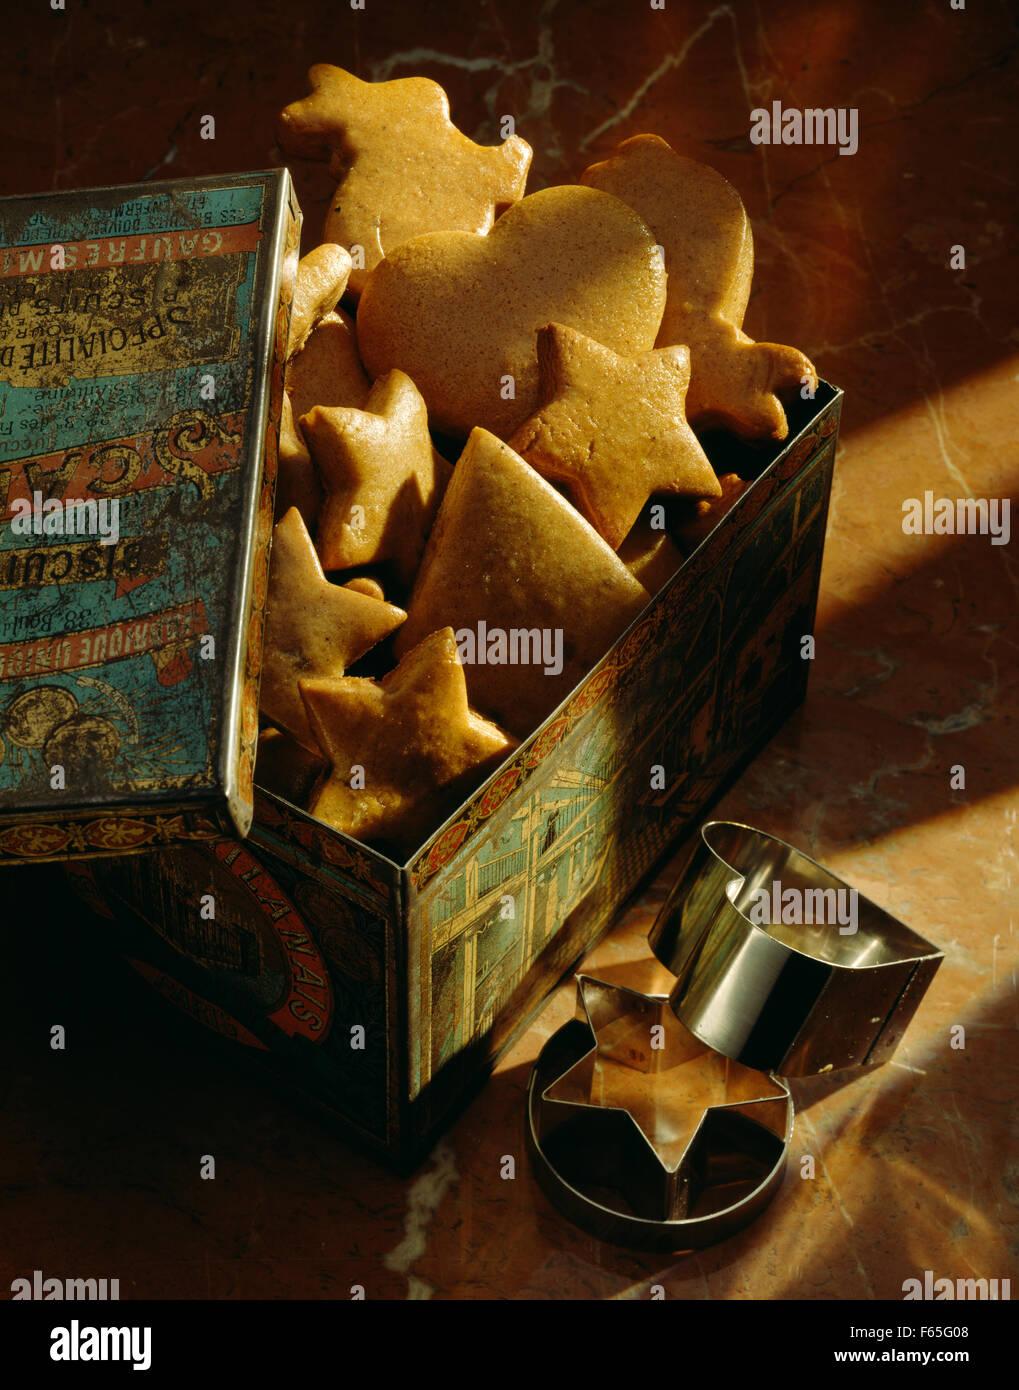 Frollini biscotti di Natale Foto Stock